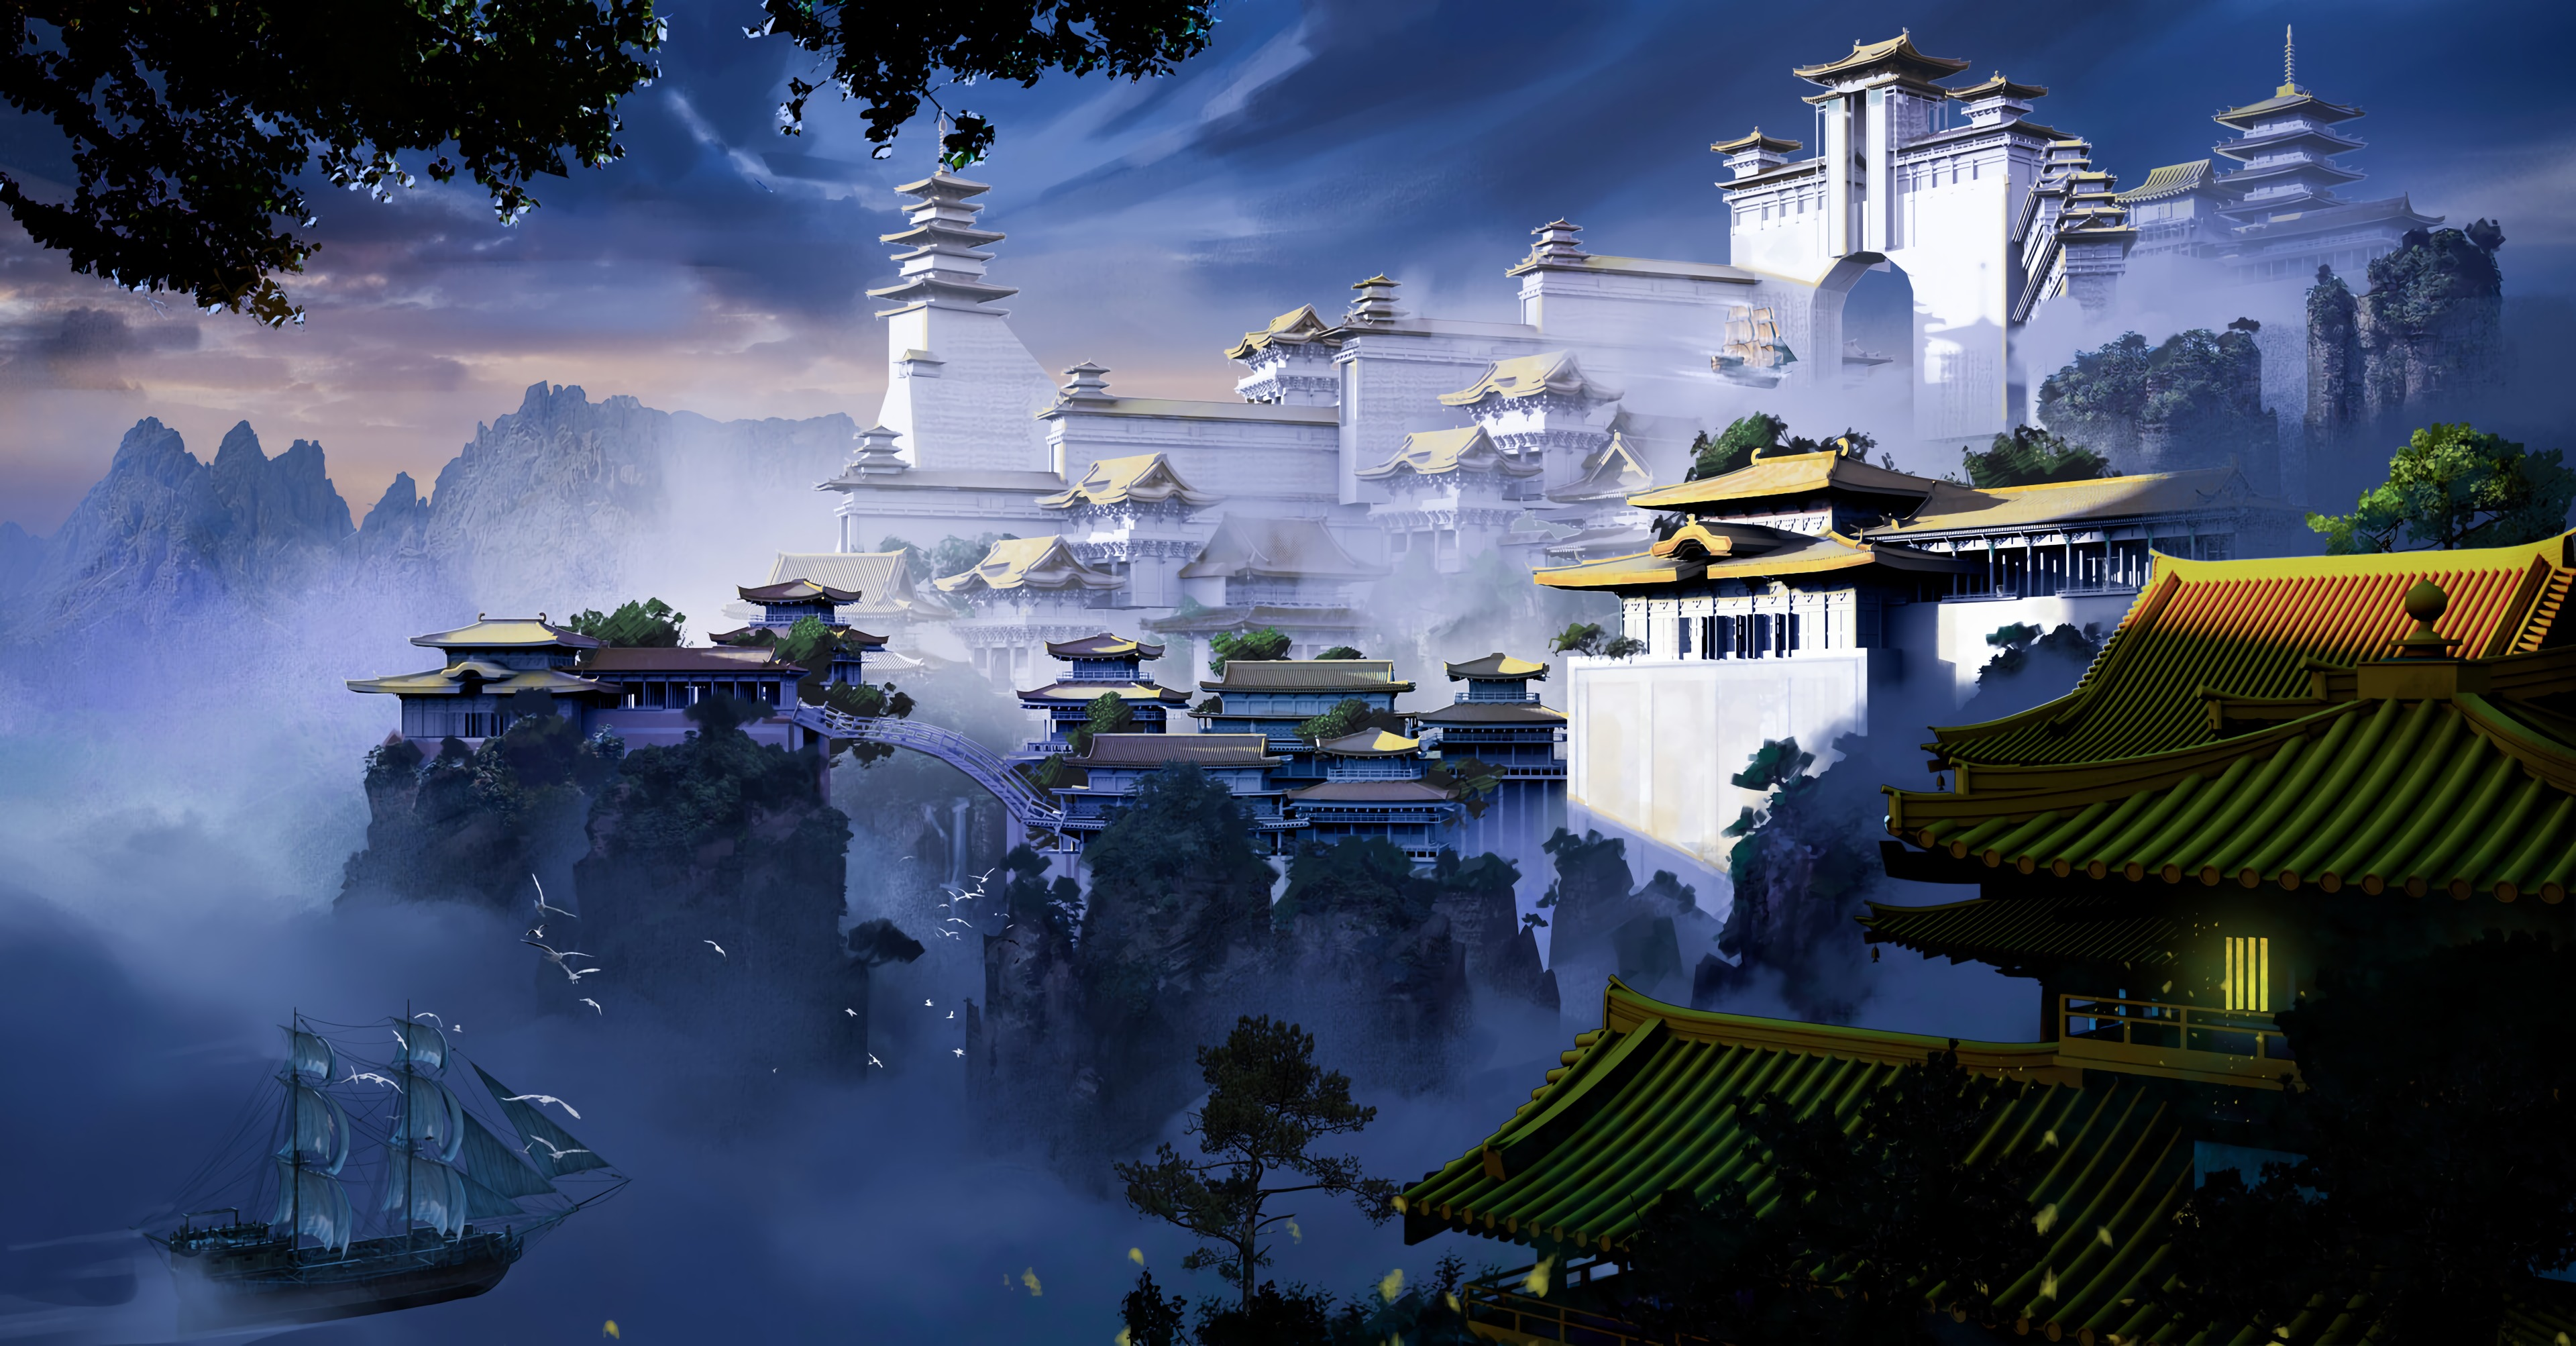 140163 免費下載壁紙 宝塔, 寺庙, 神殿, 锁, 城堡, 多雾路段, 雾, 艺术 屏保和圖片